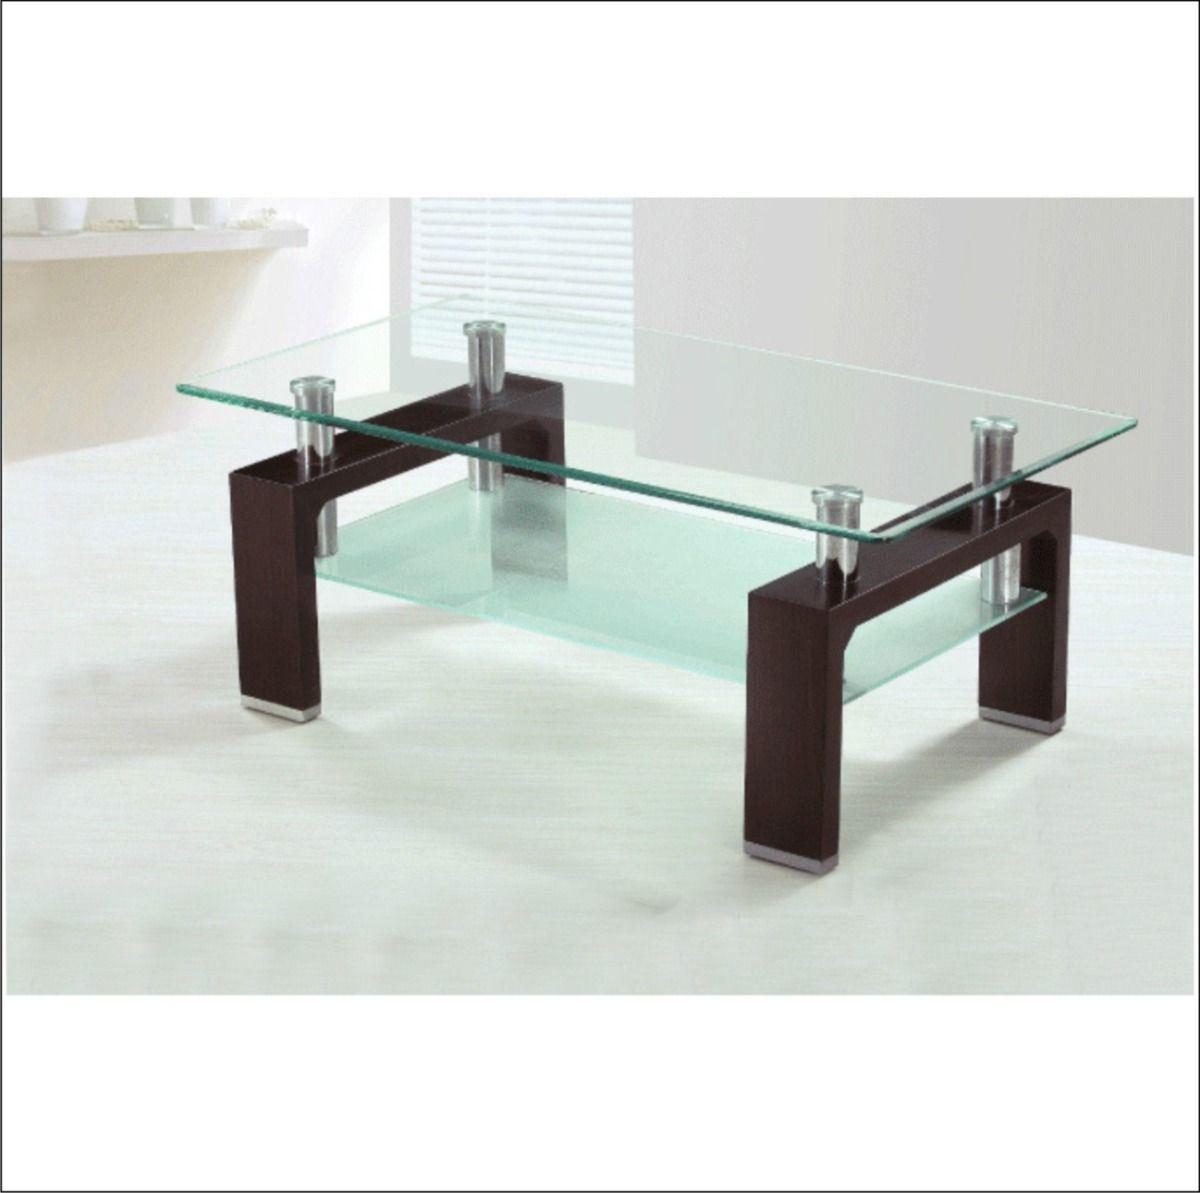 Mesa ratona moderna vidrio acero inoxidable cromada outlet for Modelos de mesas de vidrio